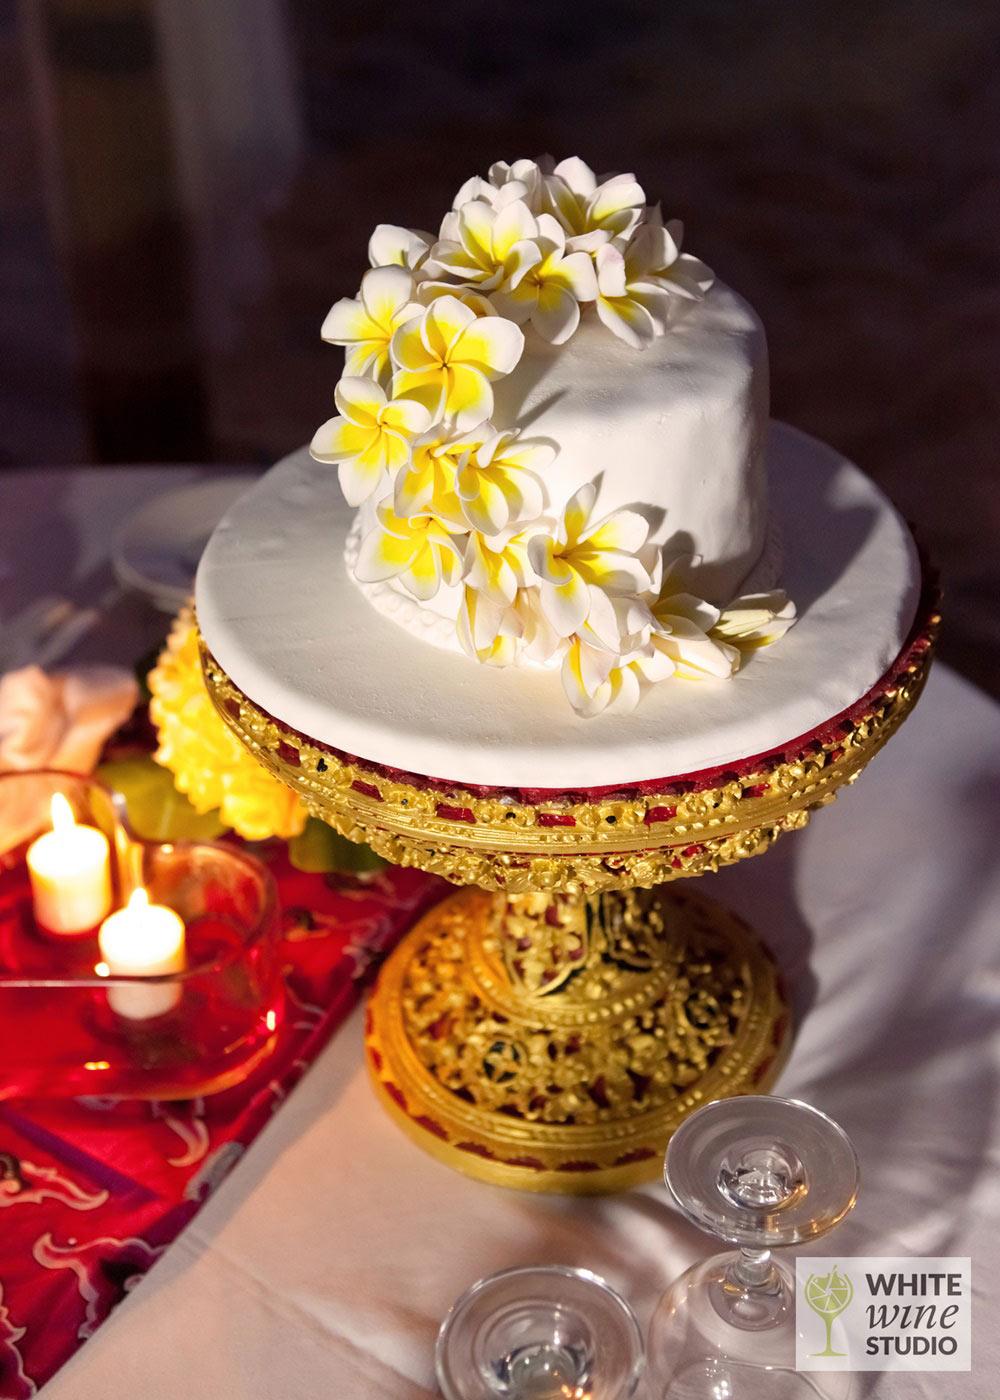 White-Wine-Studio_Wedding-Photography_Dawid-Markiewicz_54